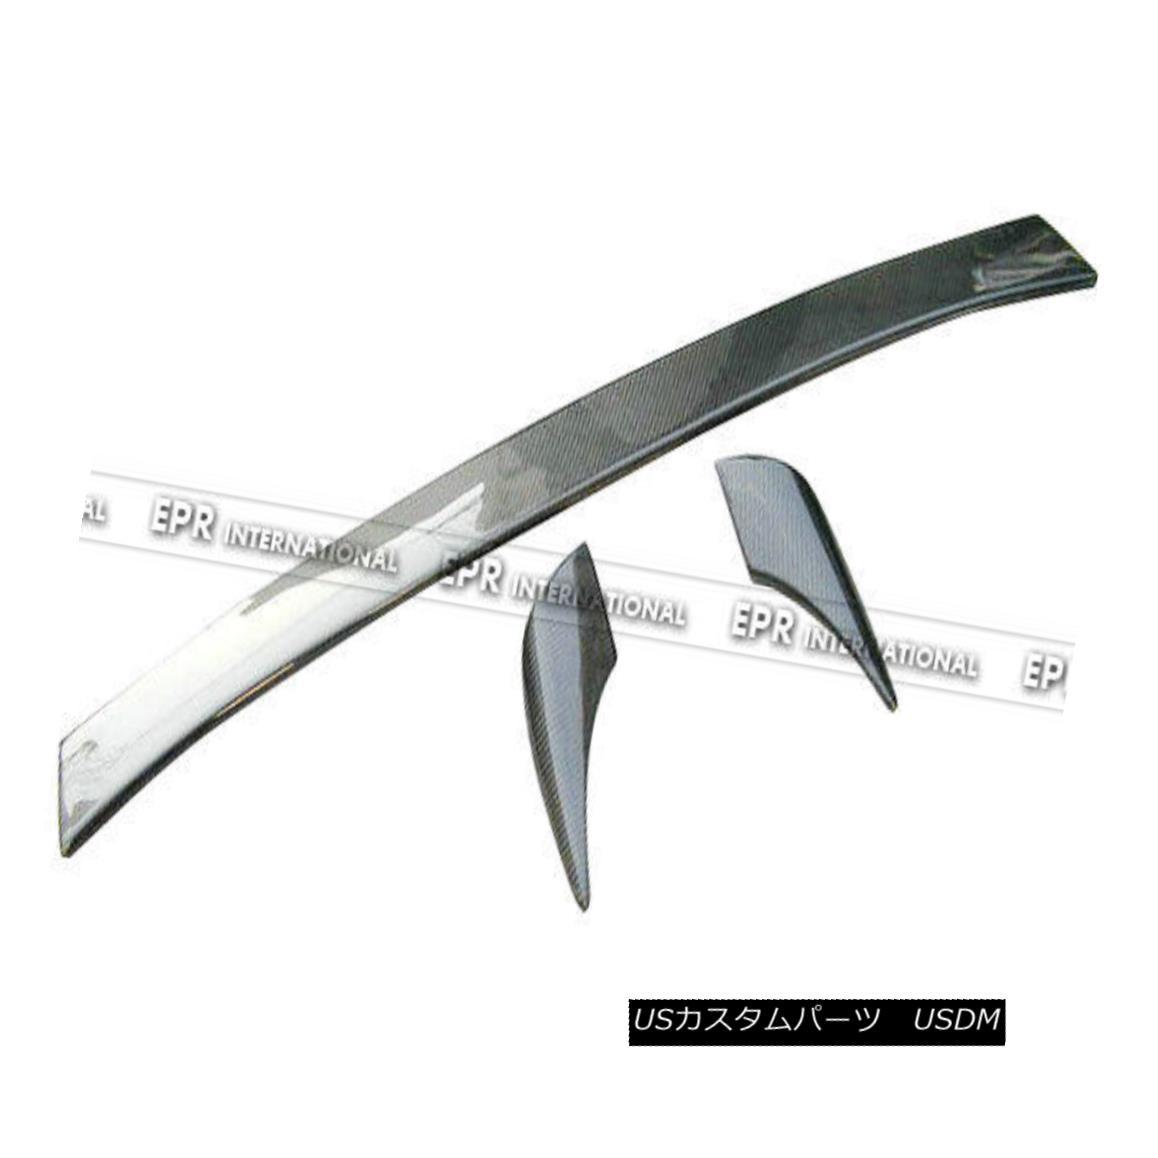 エアロパーツ ABC Origin Trunk Spoiler Wing Lip For Nissan 200SX S14 Silvia Carbon Fiber Craft 日産200SX S14のためのABC起源トランクスポイラーウイングリップシルビア炭素繊維工芸品